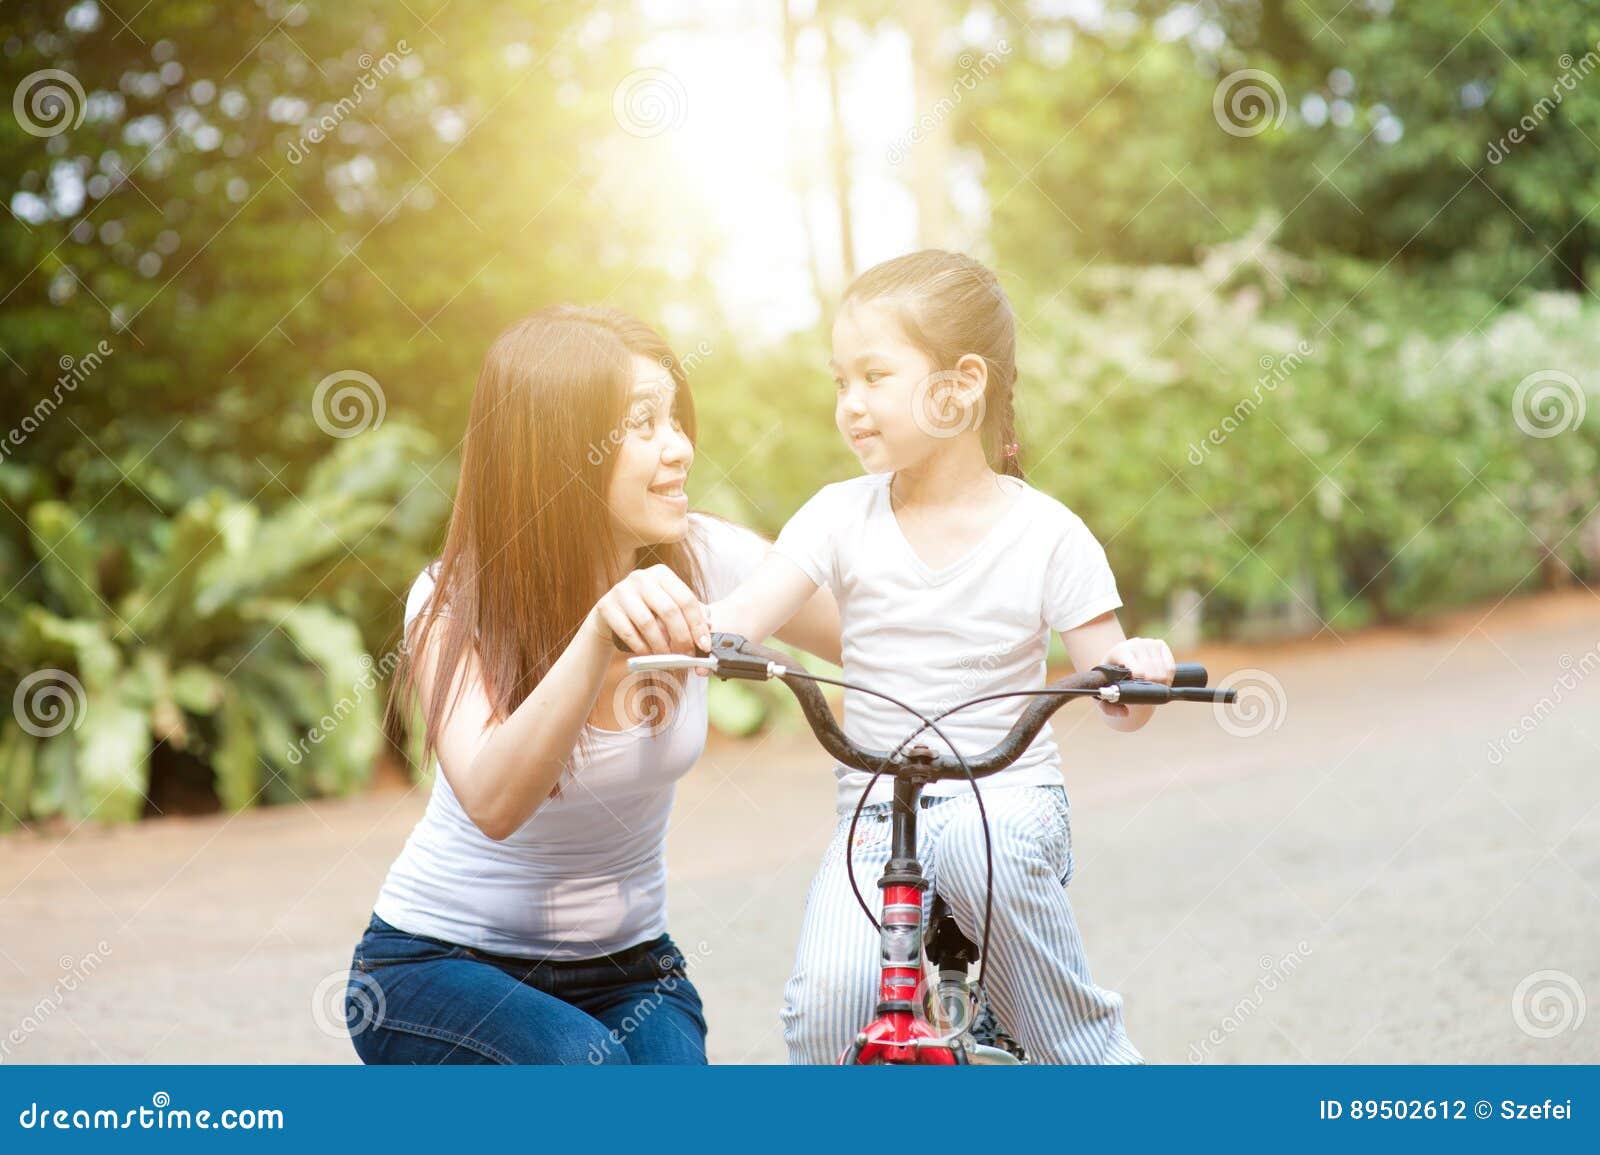 Bici del montar a caballo de la madre y de la hija al aire libre